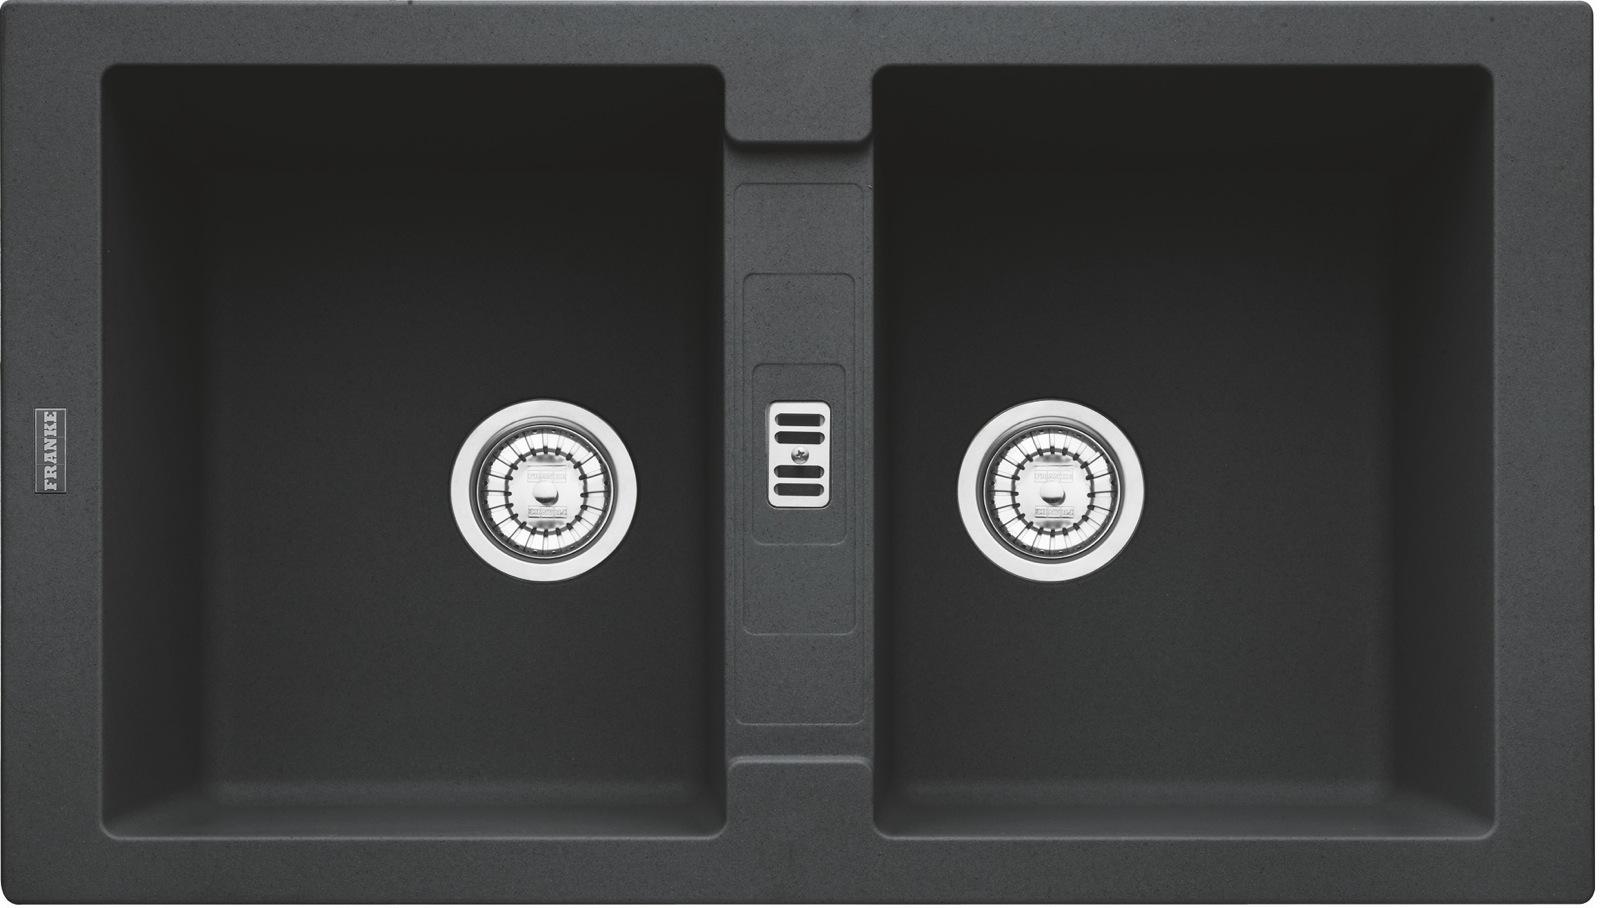 Chiuveta fragranite Franke Maris MRG 620 reversibila 860x500 tehnologie Sanitized Nero